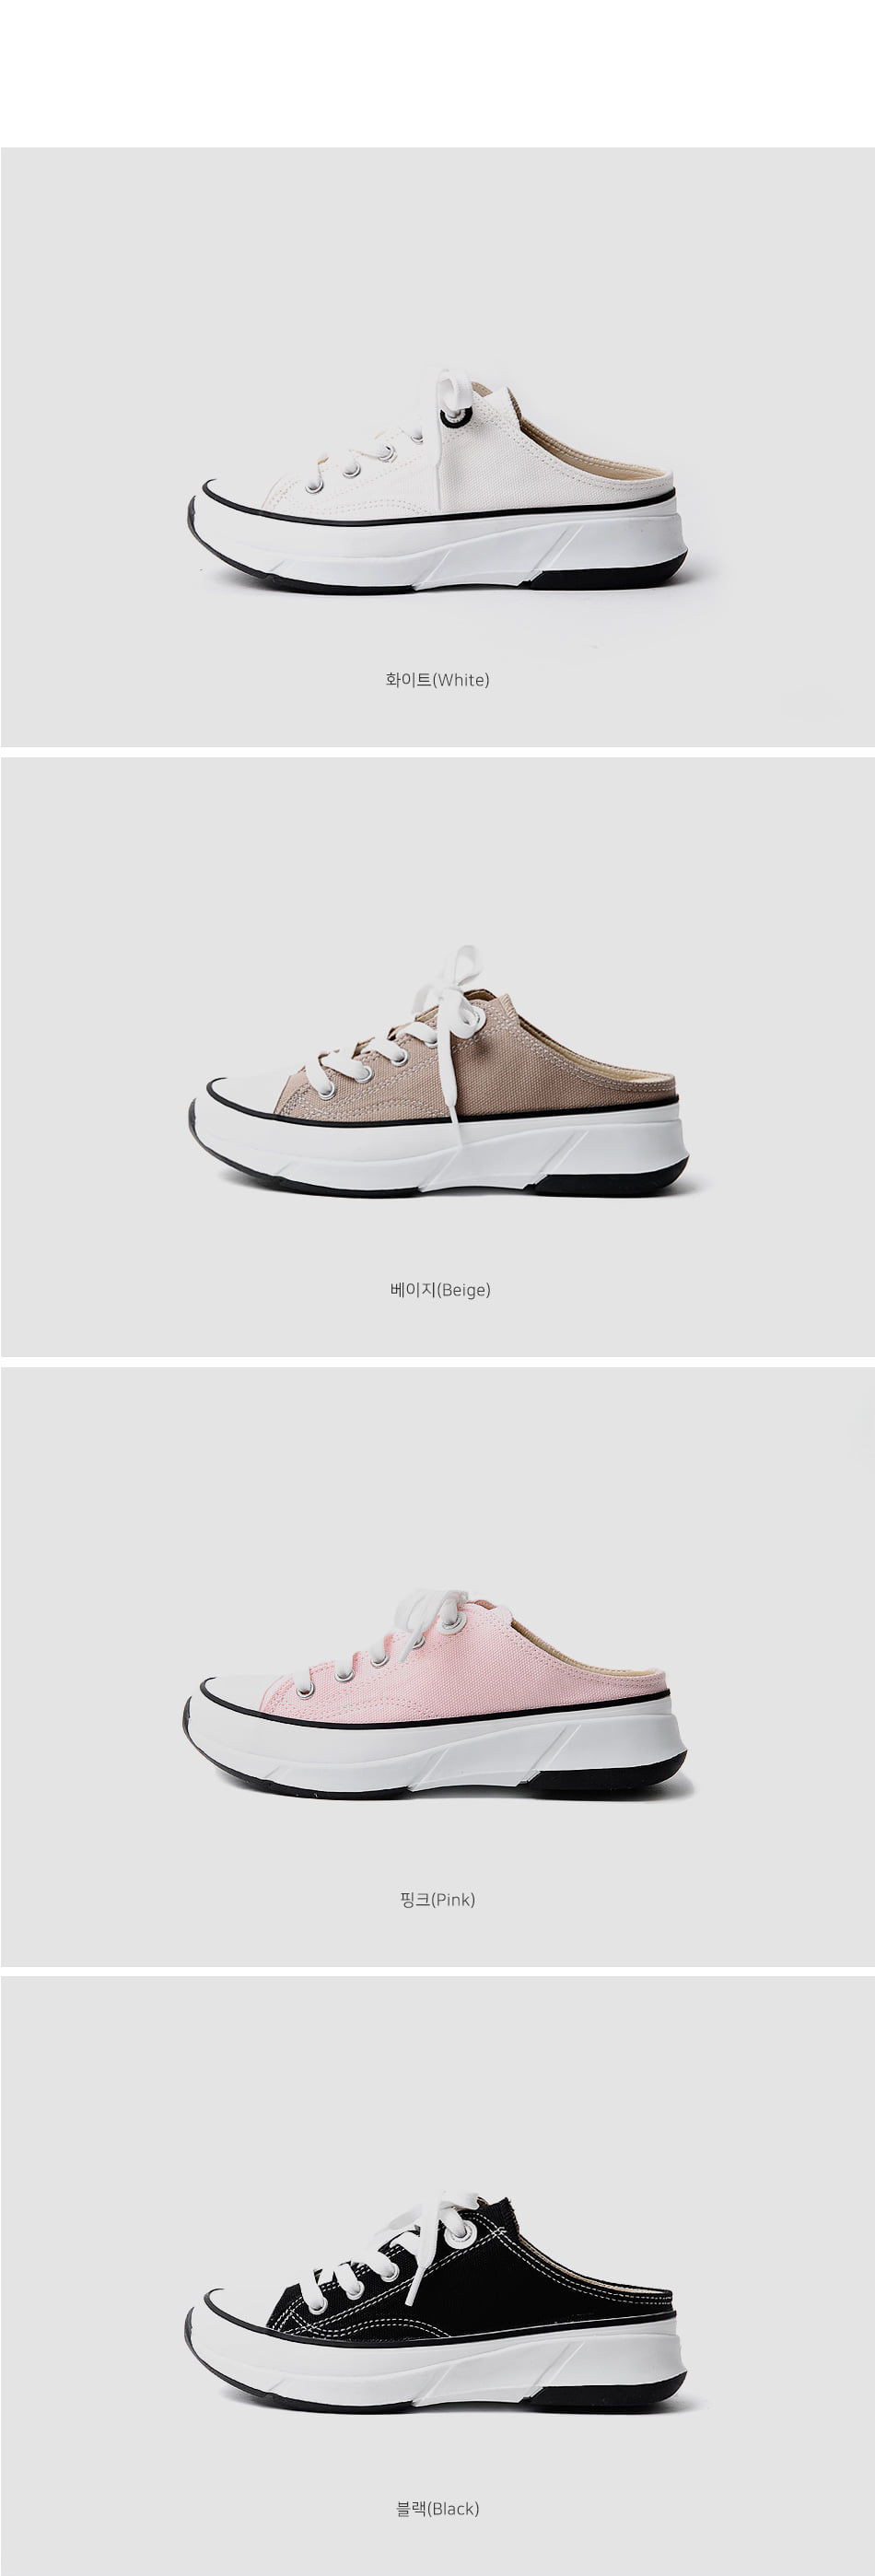 Loti's Sneakers Blower 4cm